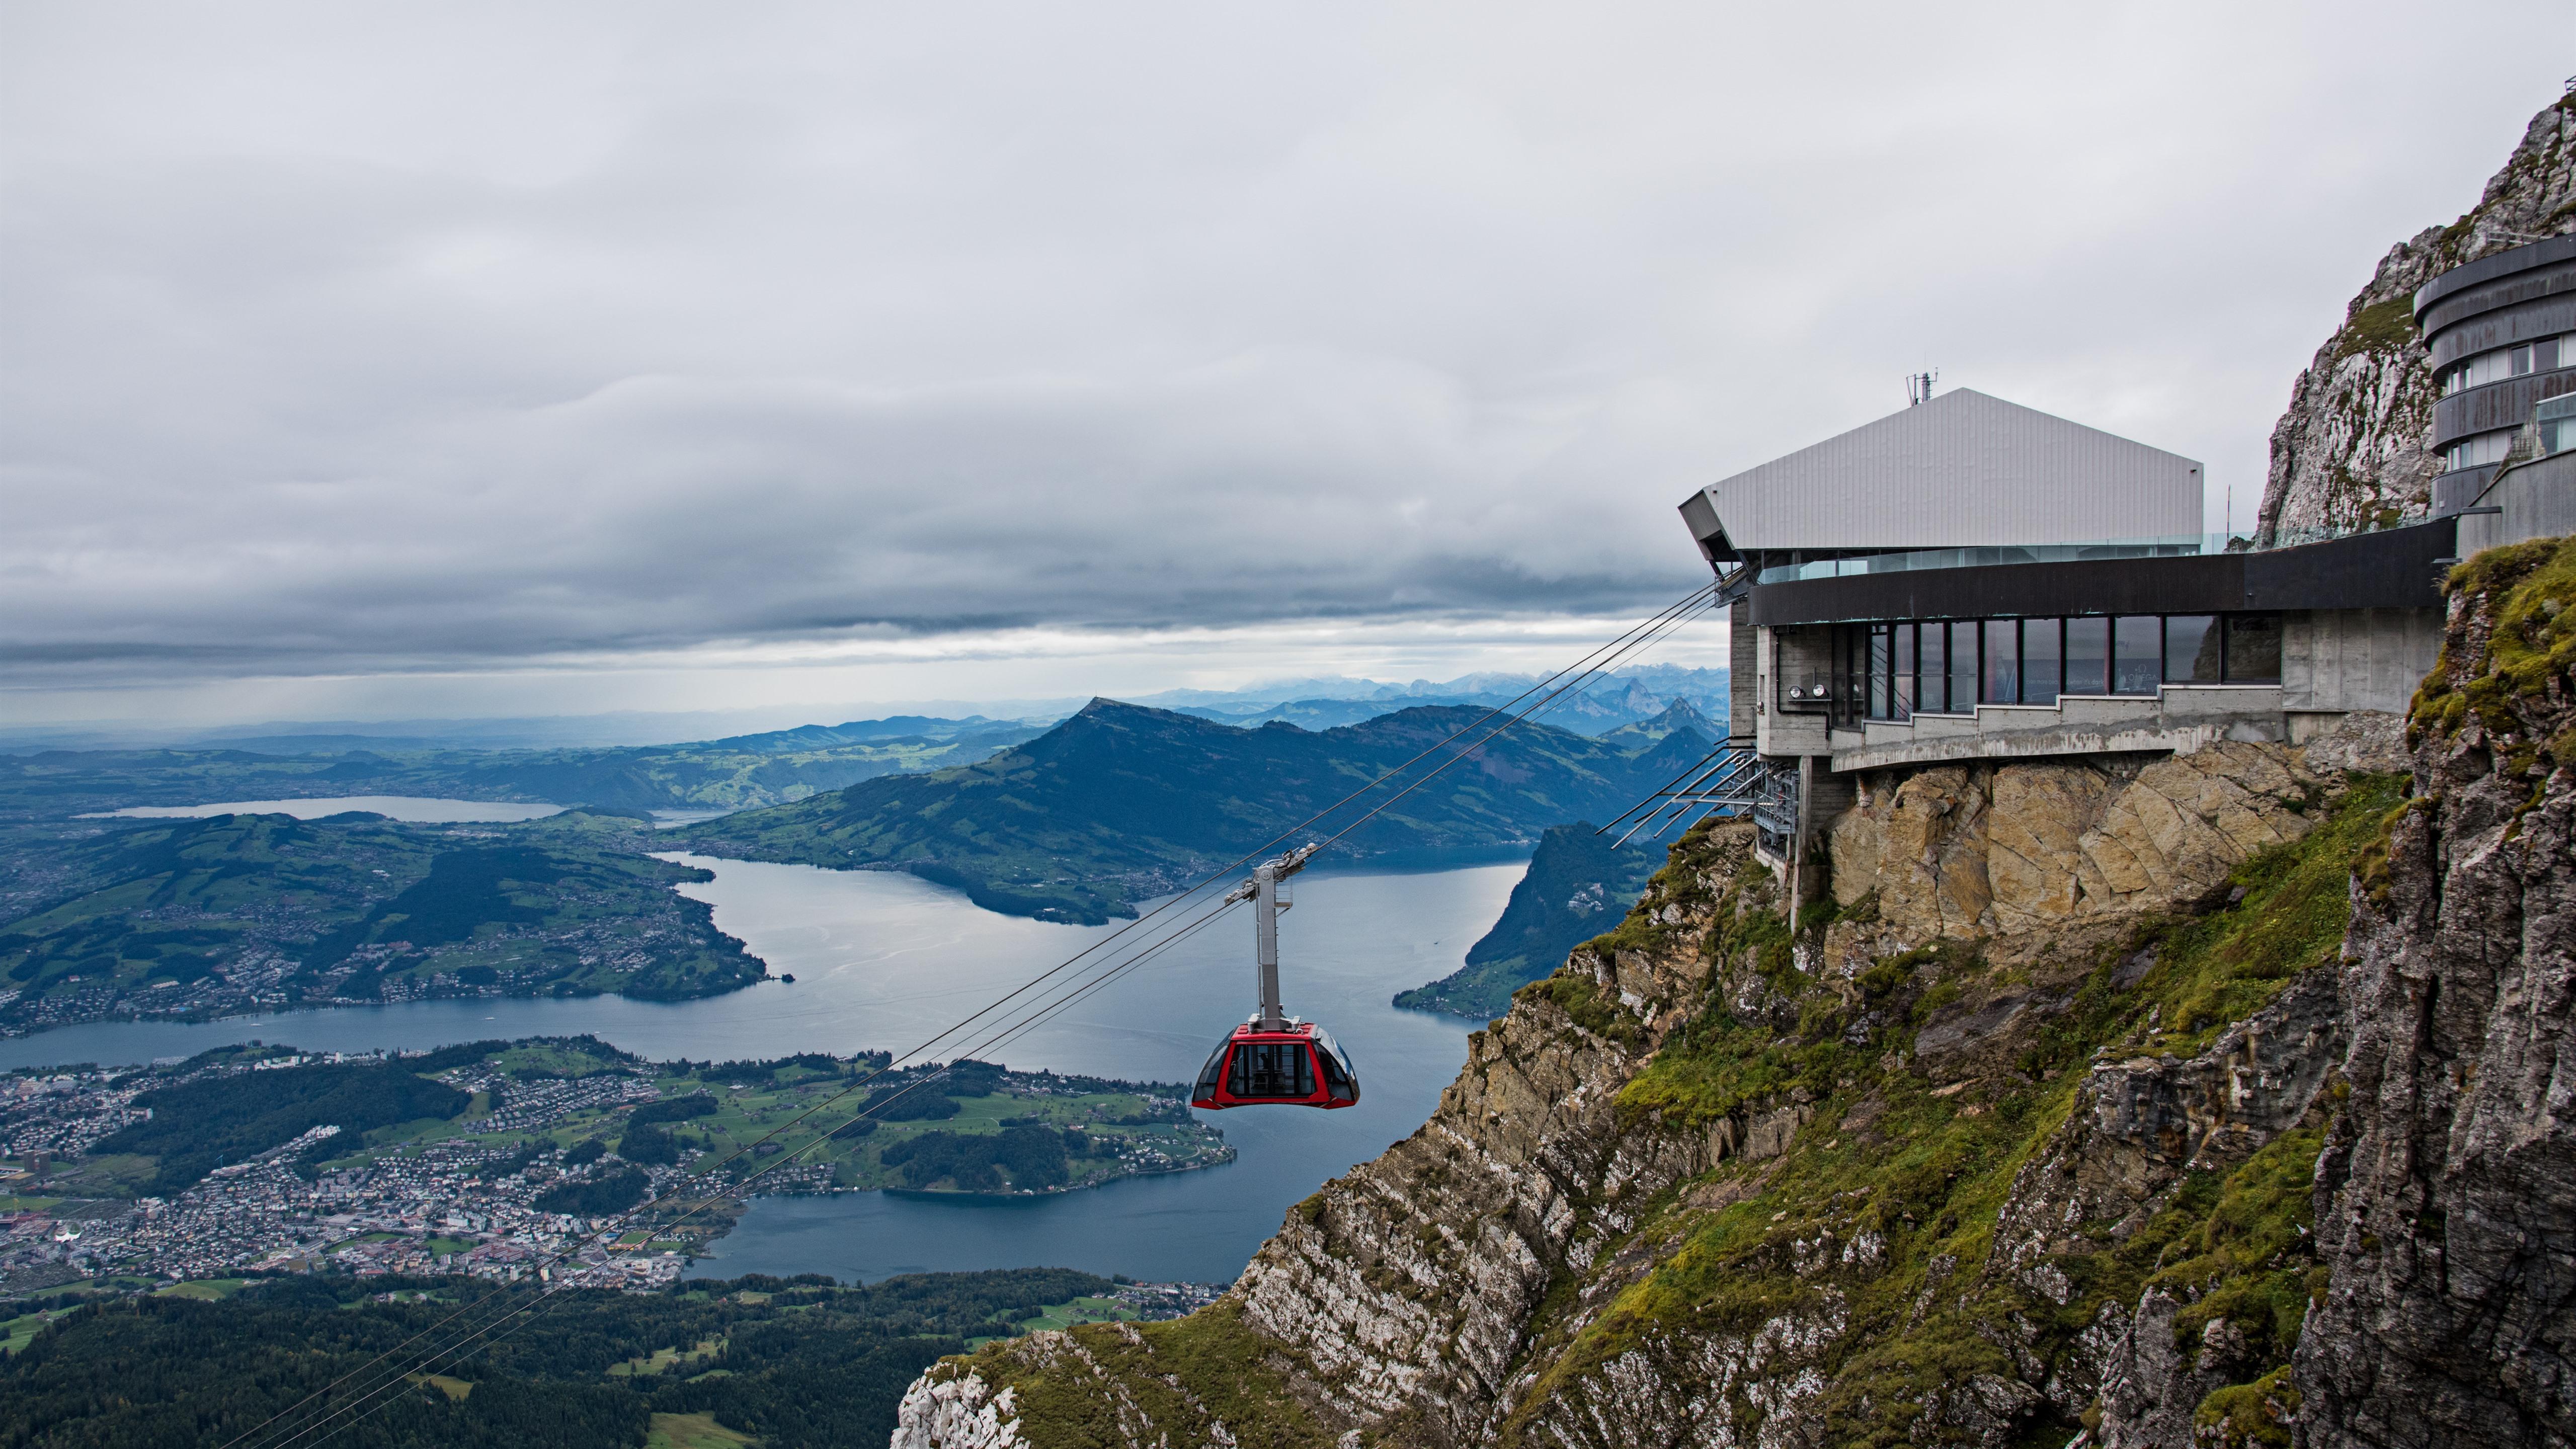 سفر به سونیس pilatus تله کابین تور کوه اروپا ابر